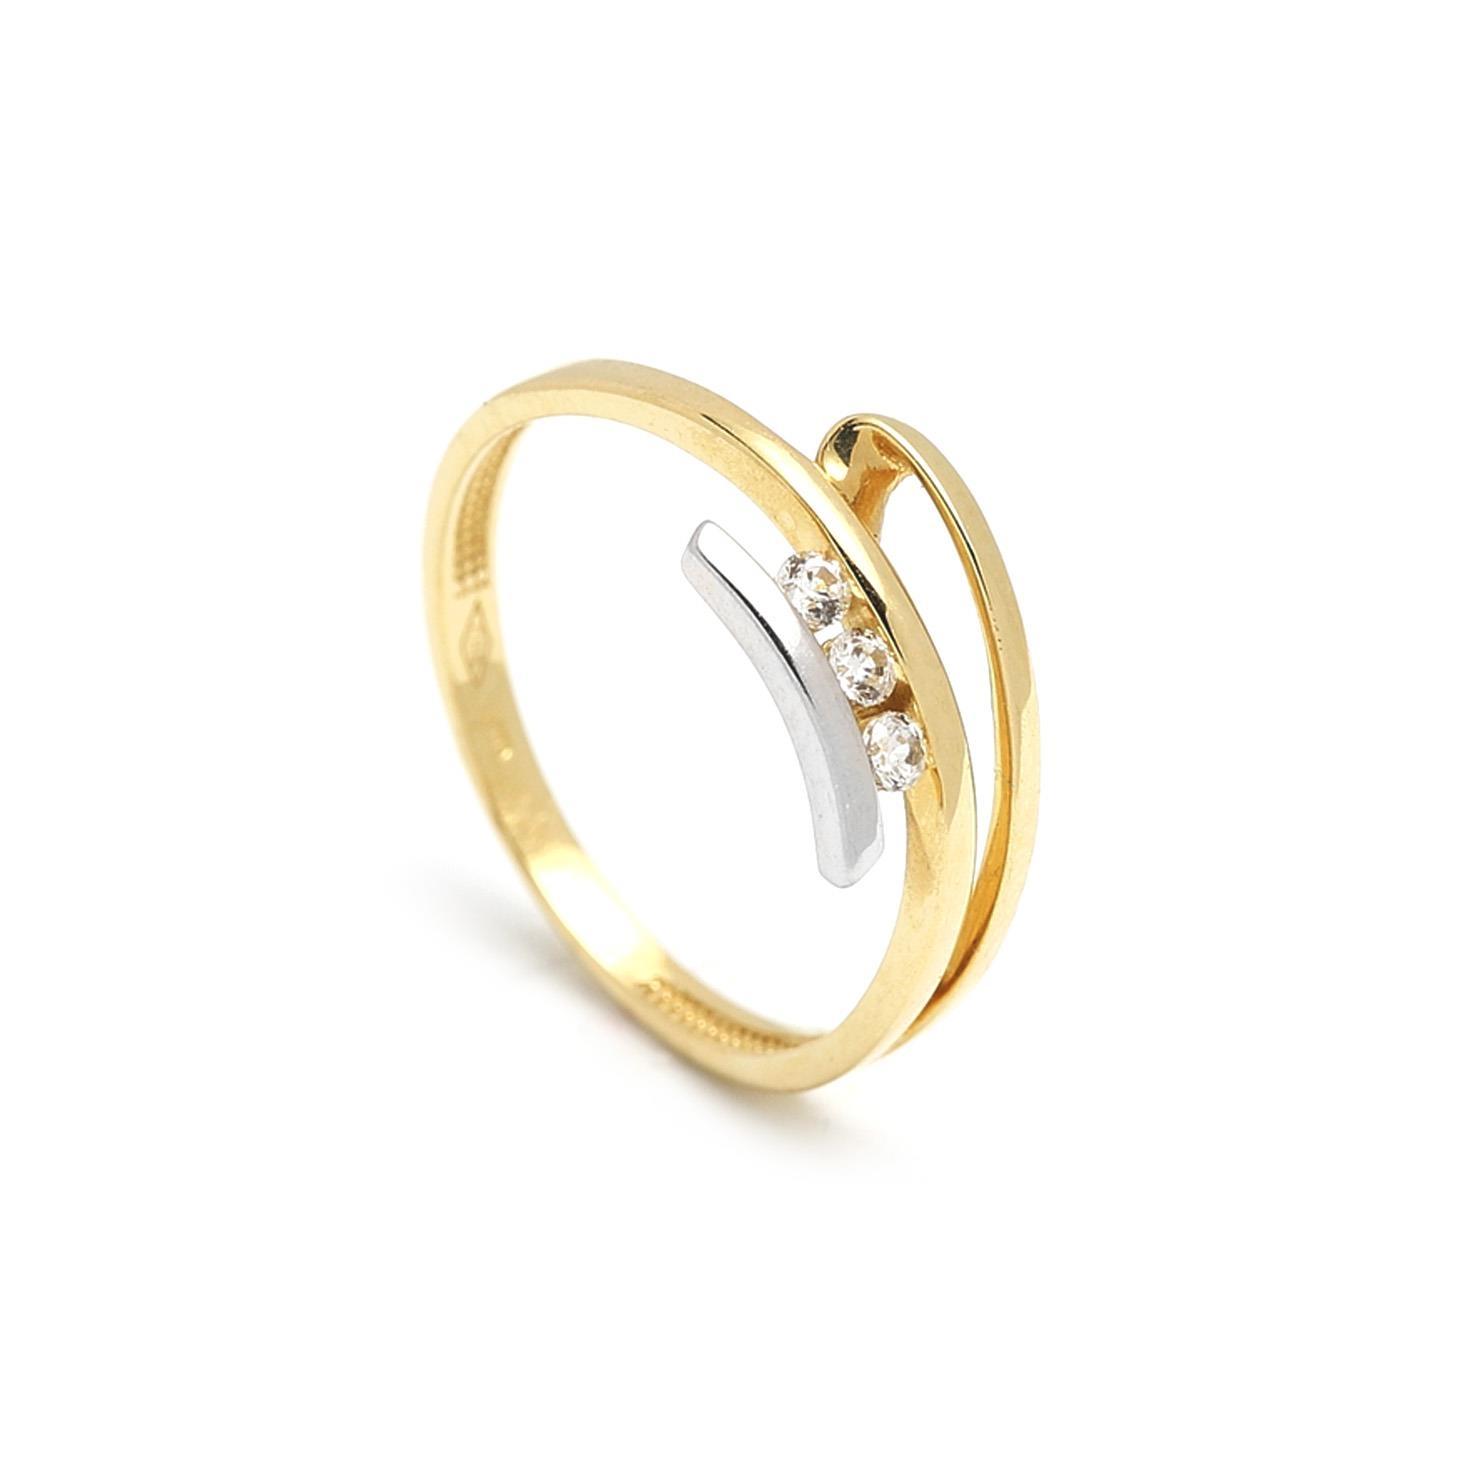 Zlatý dámsky prsteň FIORALBA 1PK00048